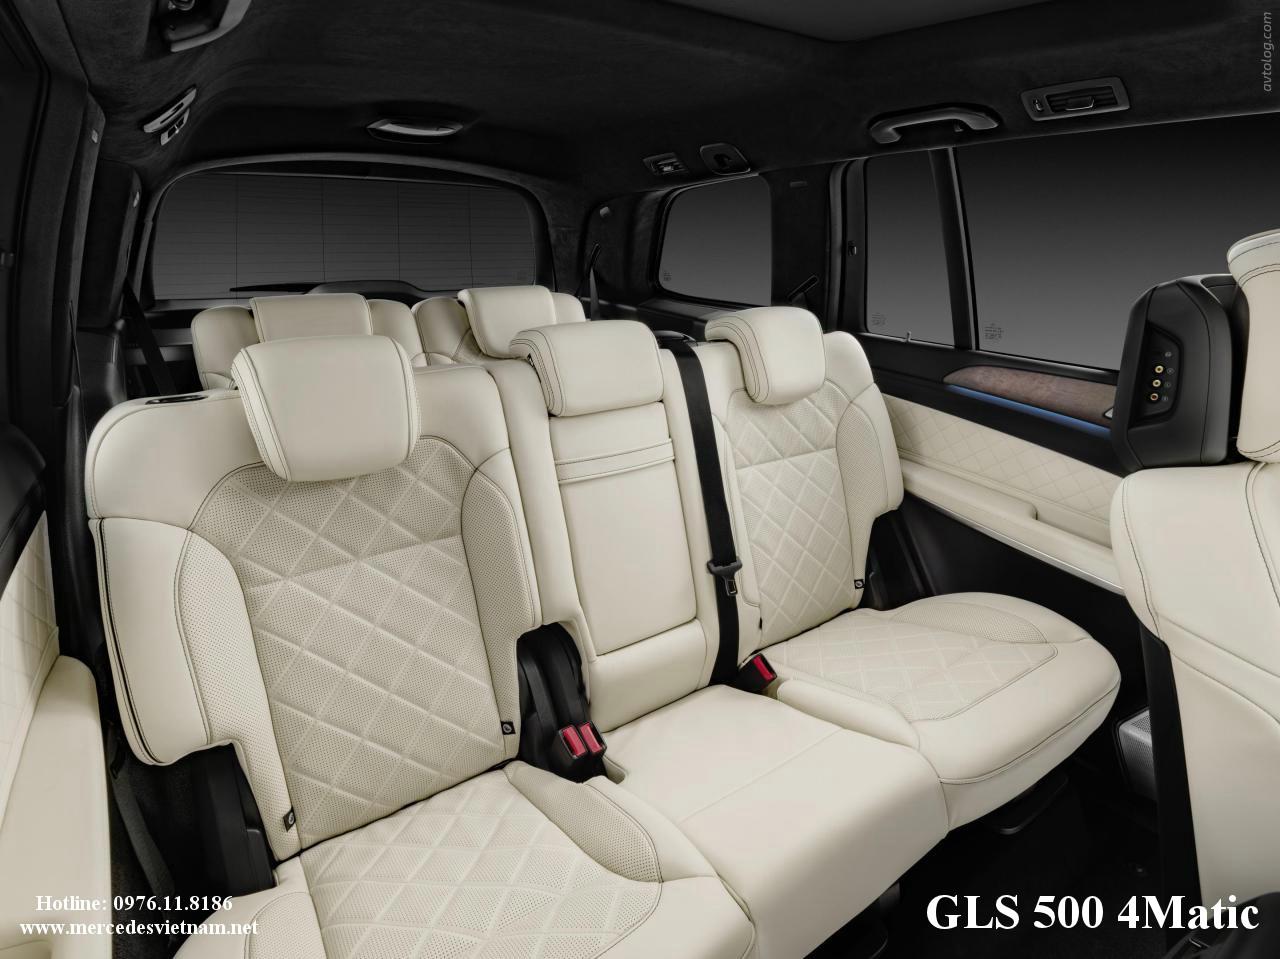 Mercedes GLS 500 4MAtic 2016 (14)